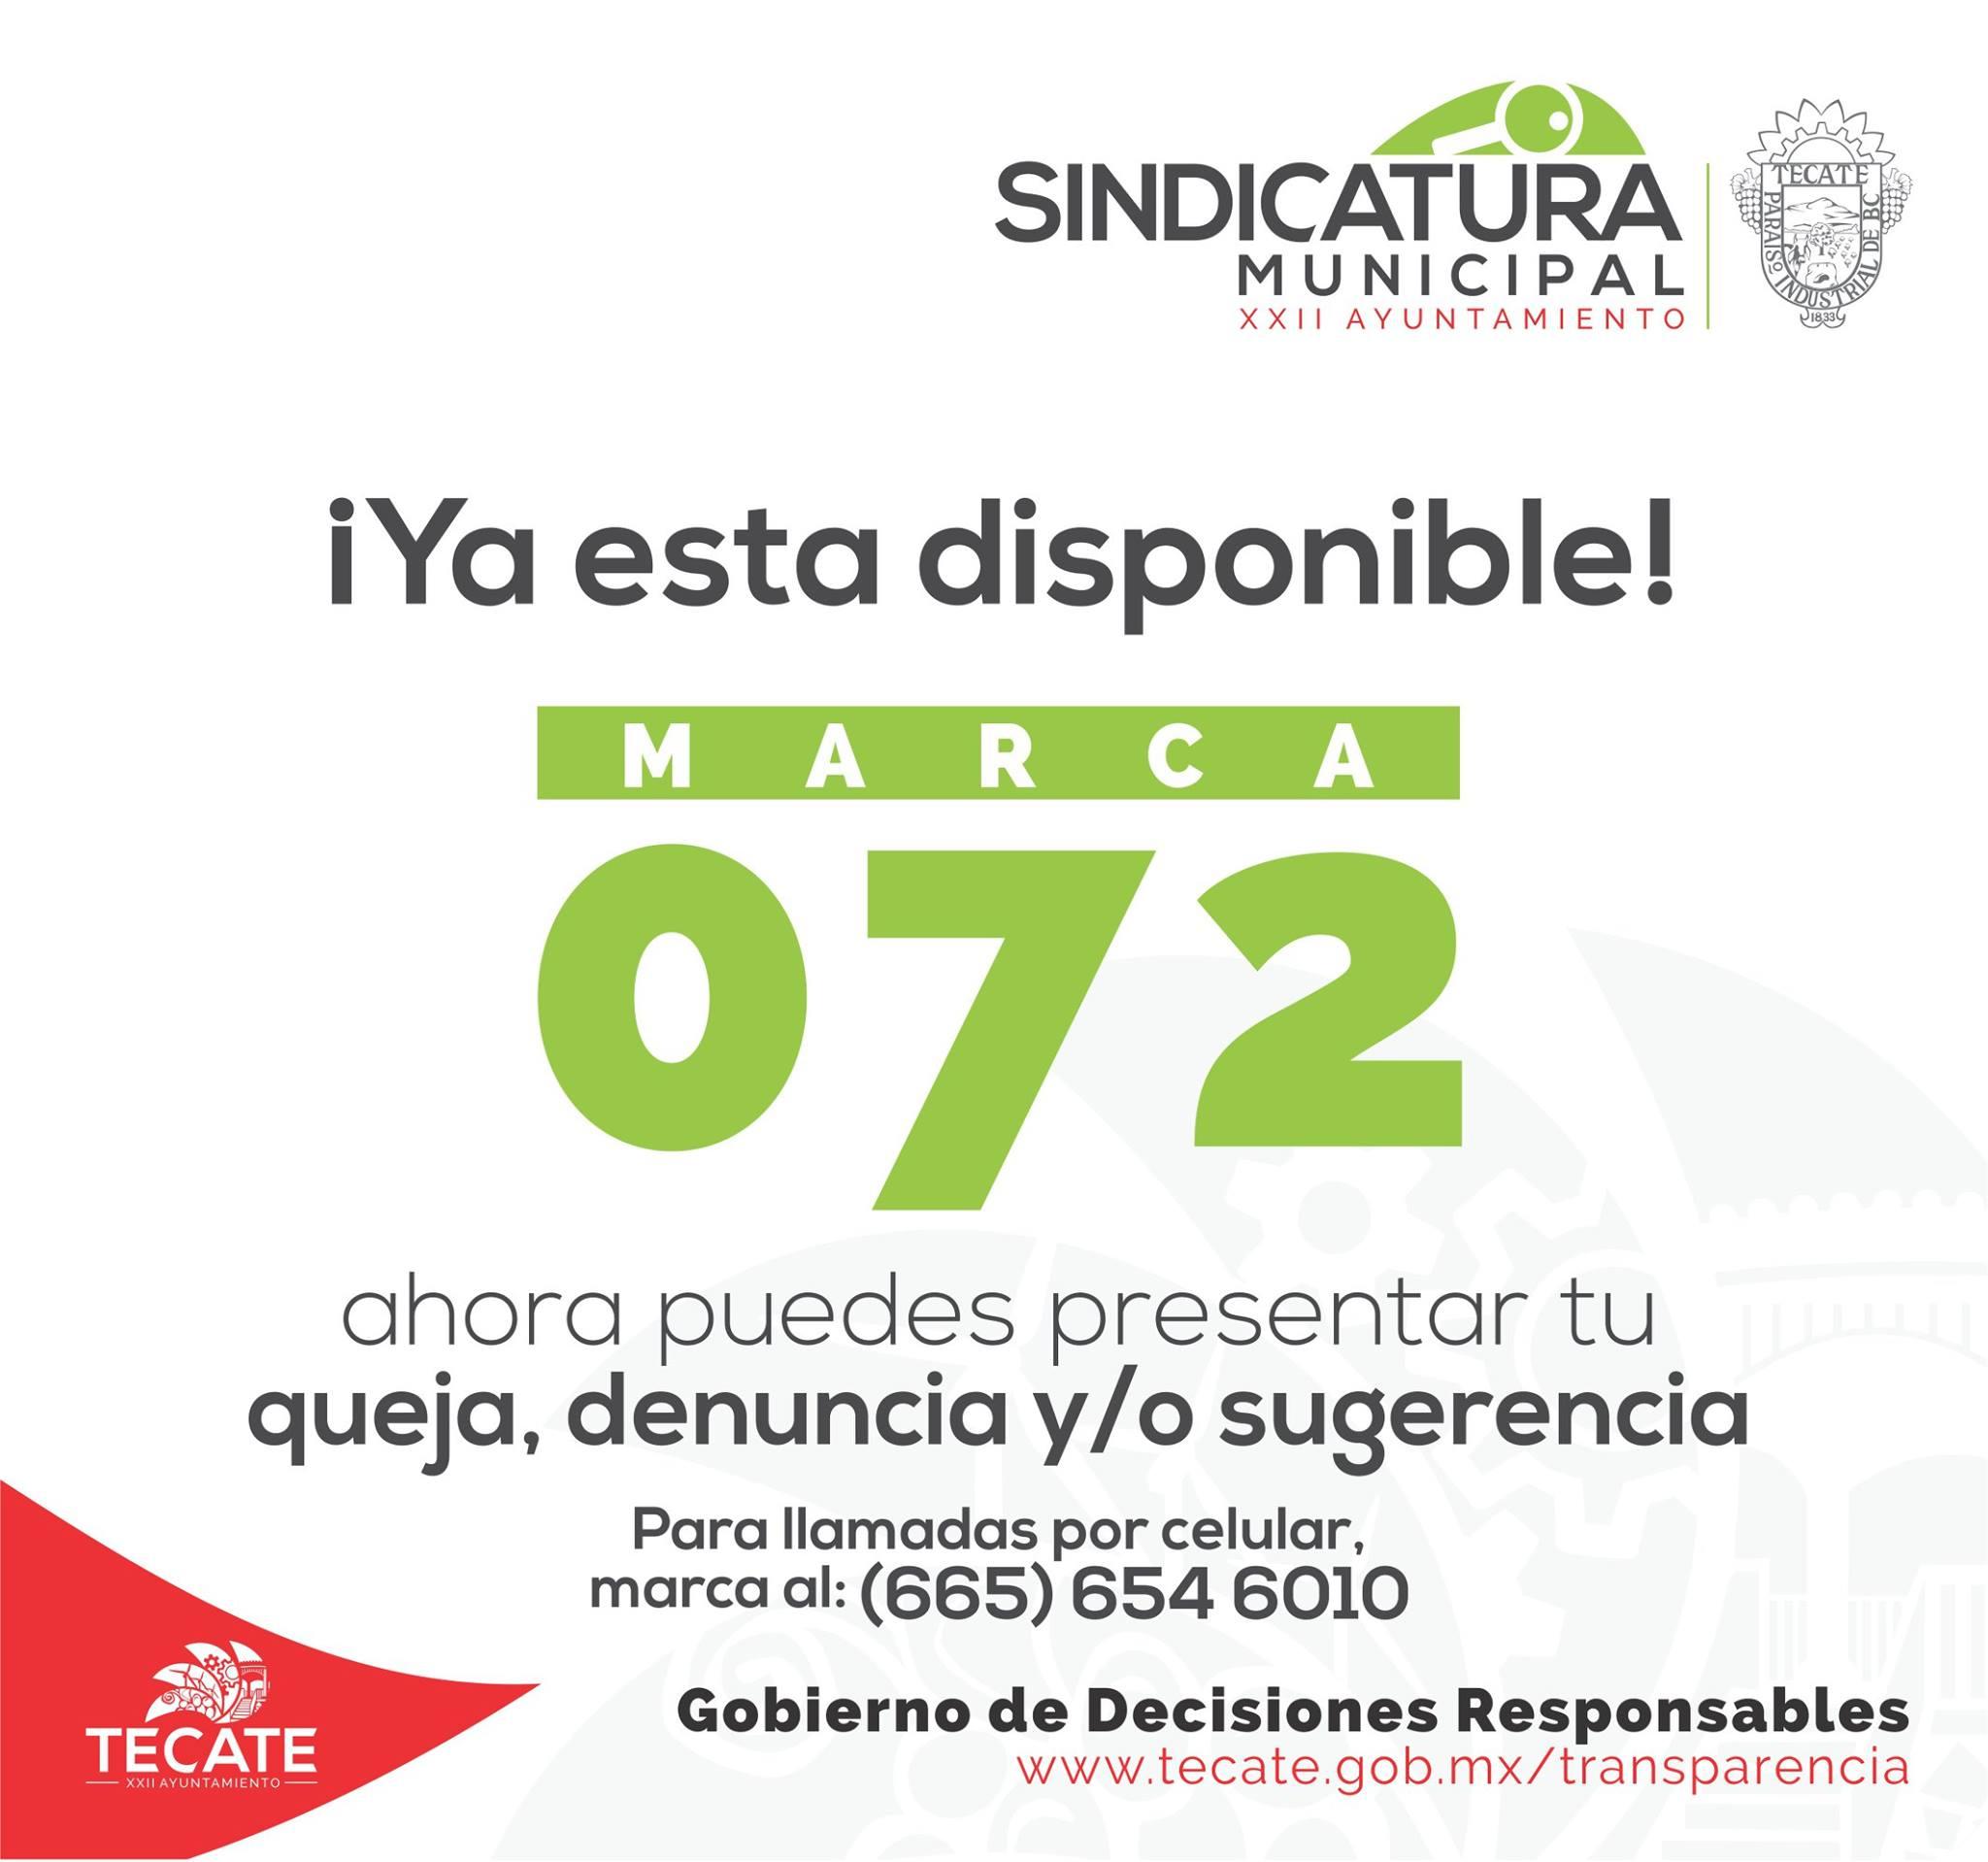 072 Sindicatura